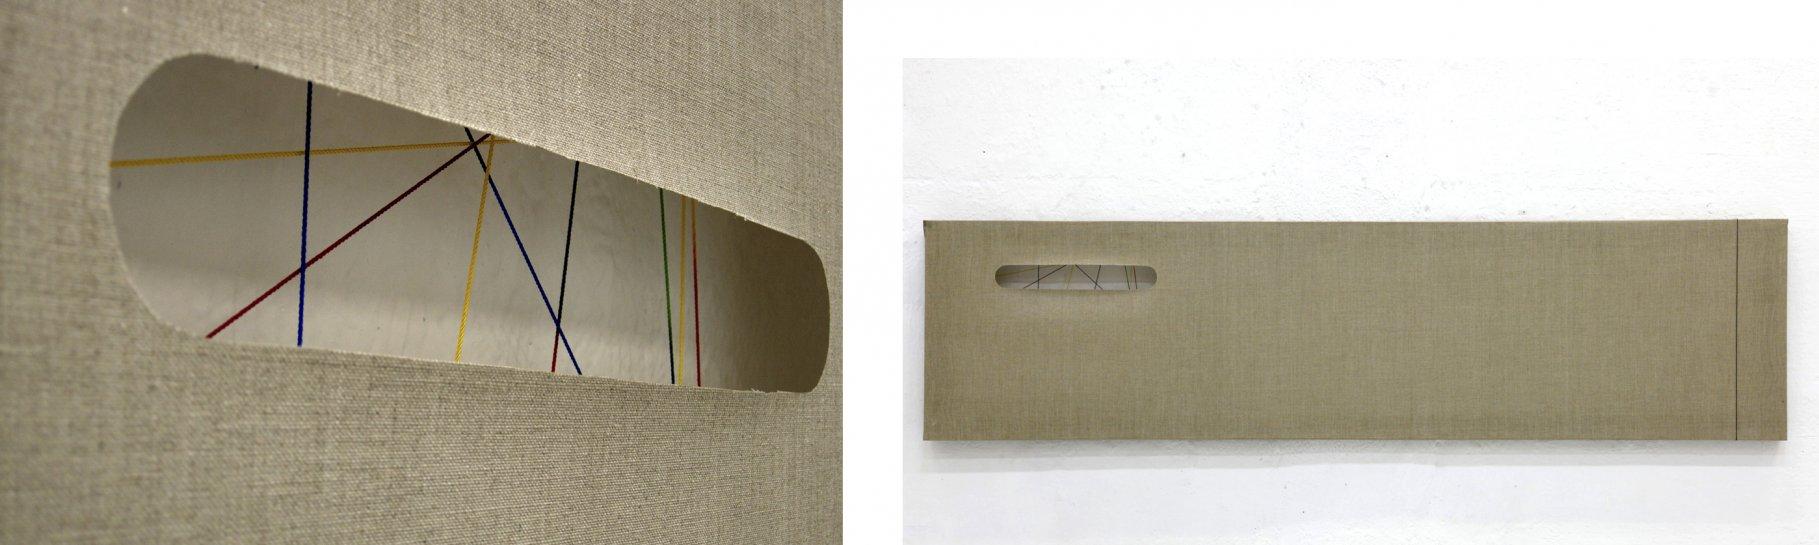 S/T 2.serie b.u.r.k.a.s. (2001) - Noni Lazaga